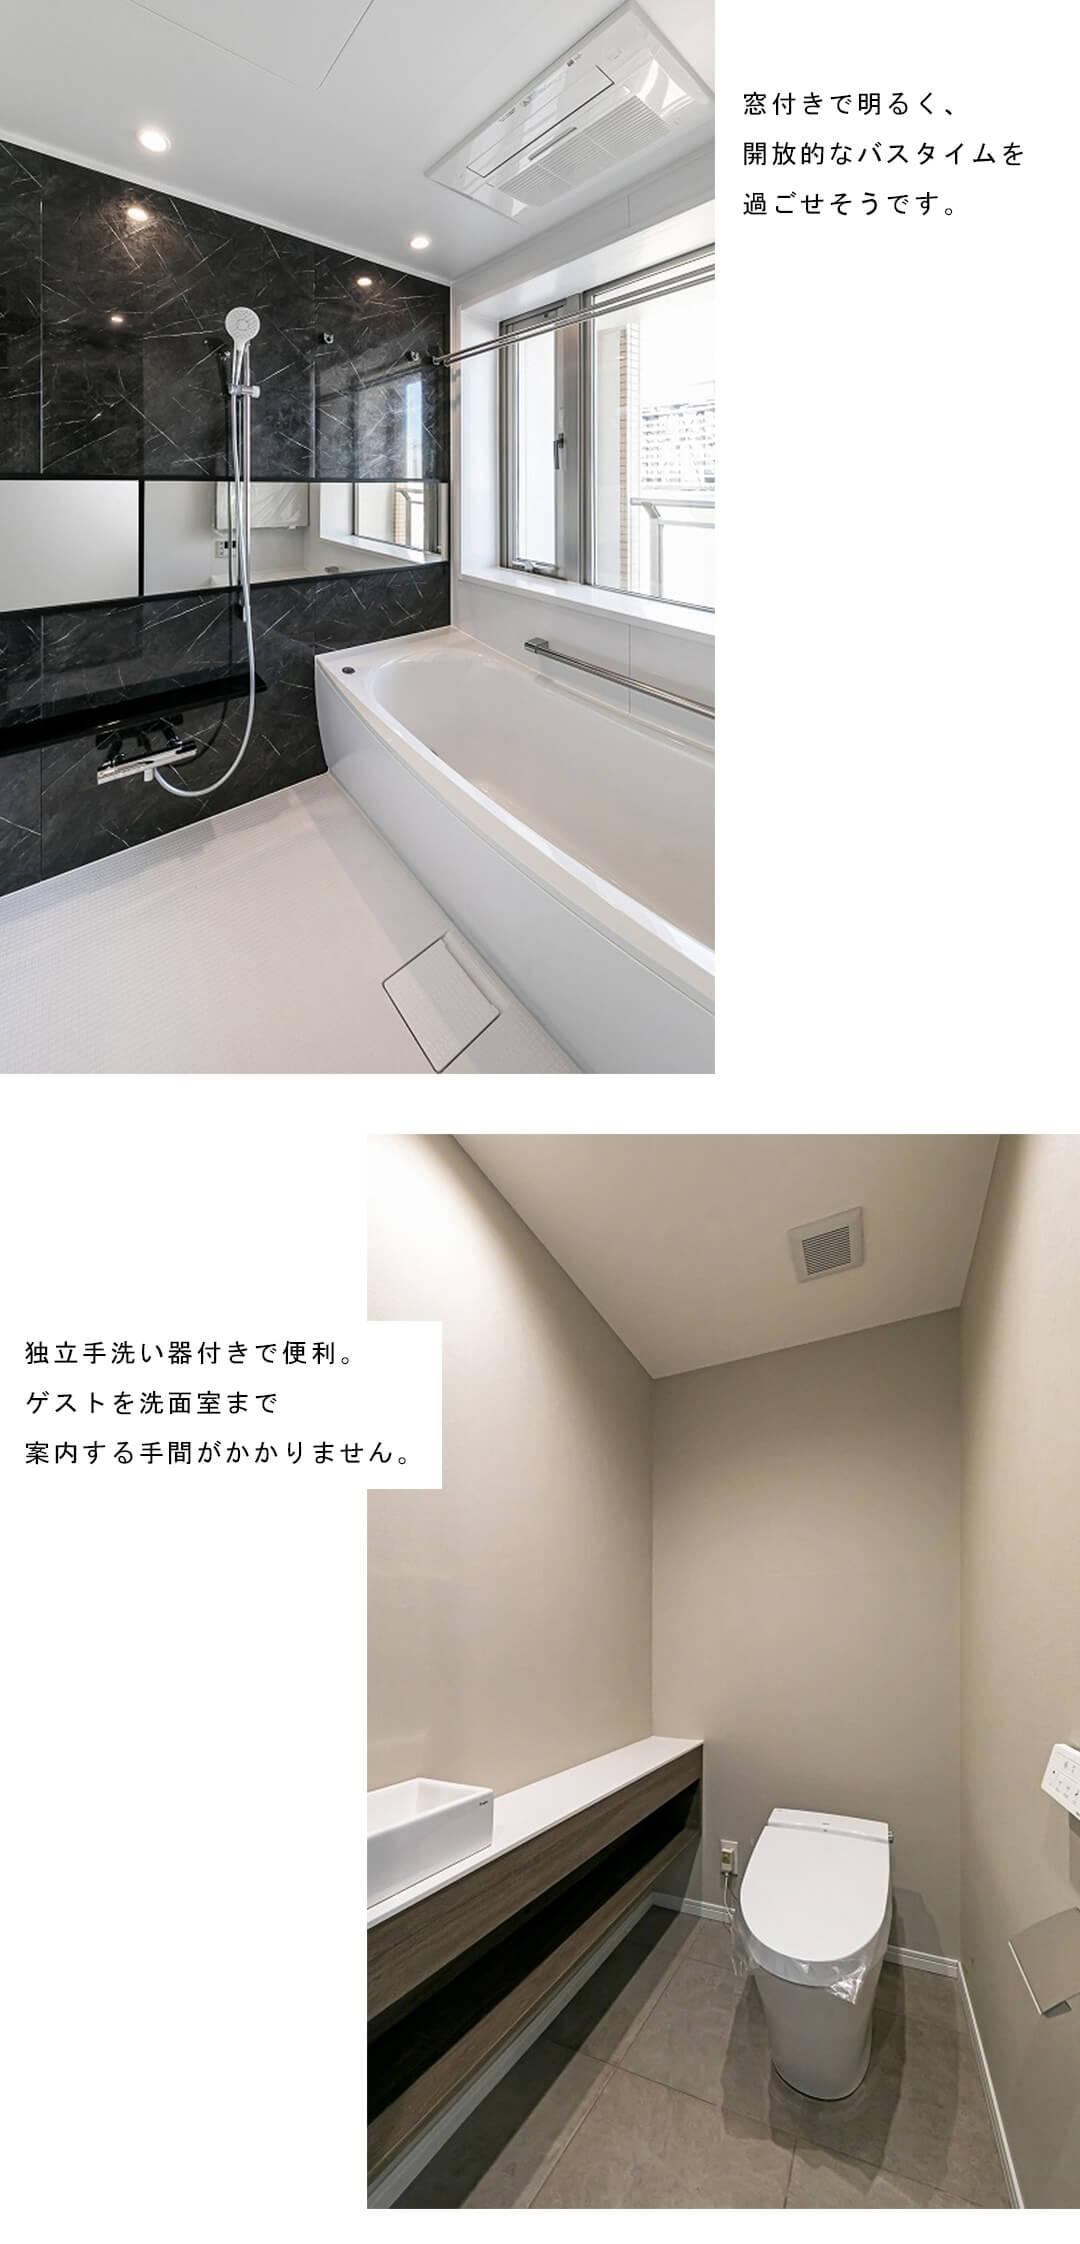 ザ・パークタワー東京サウスの浴室とトイレ